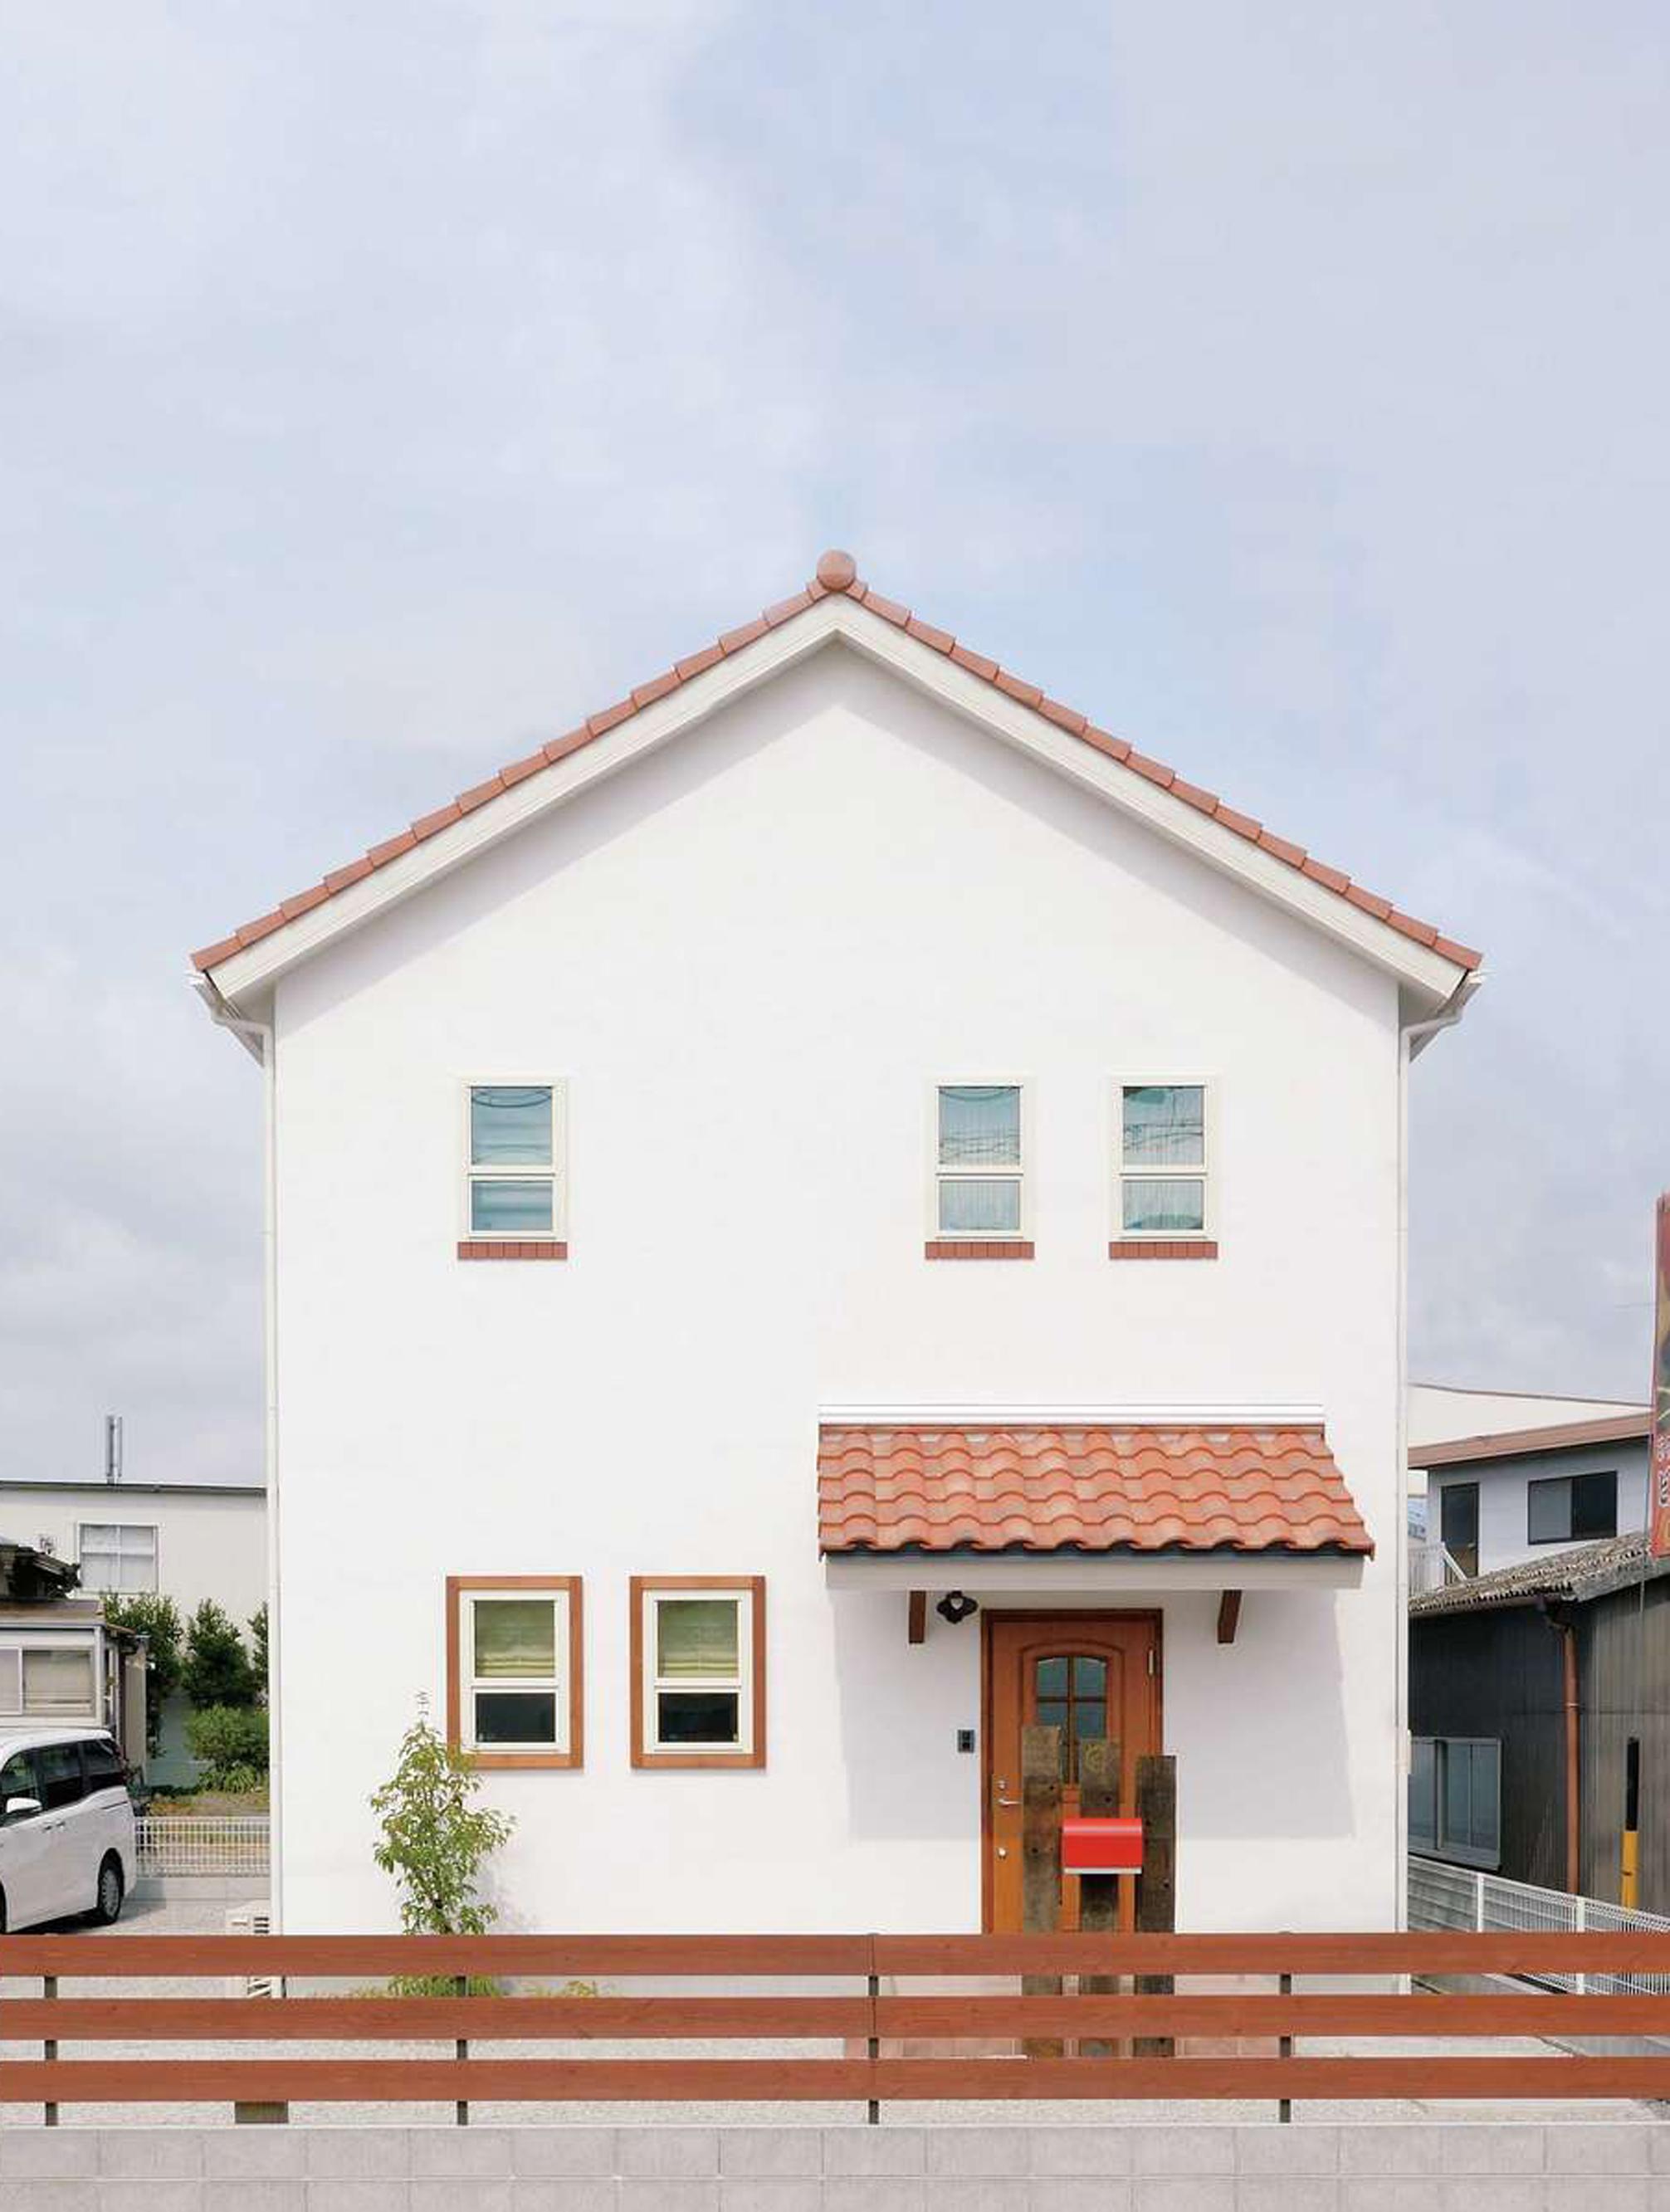 casa carina 浜北(内藤材木店)